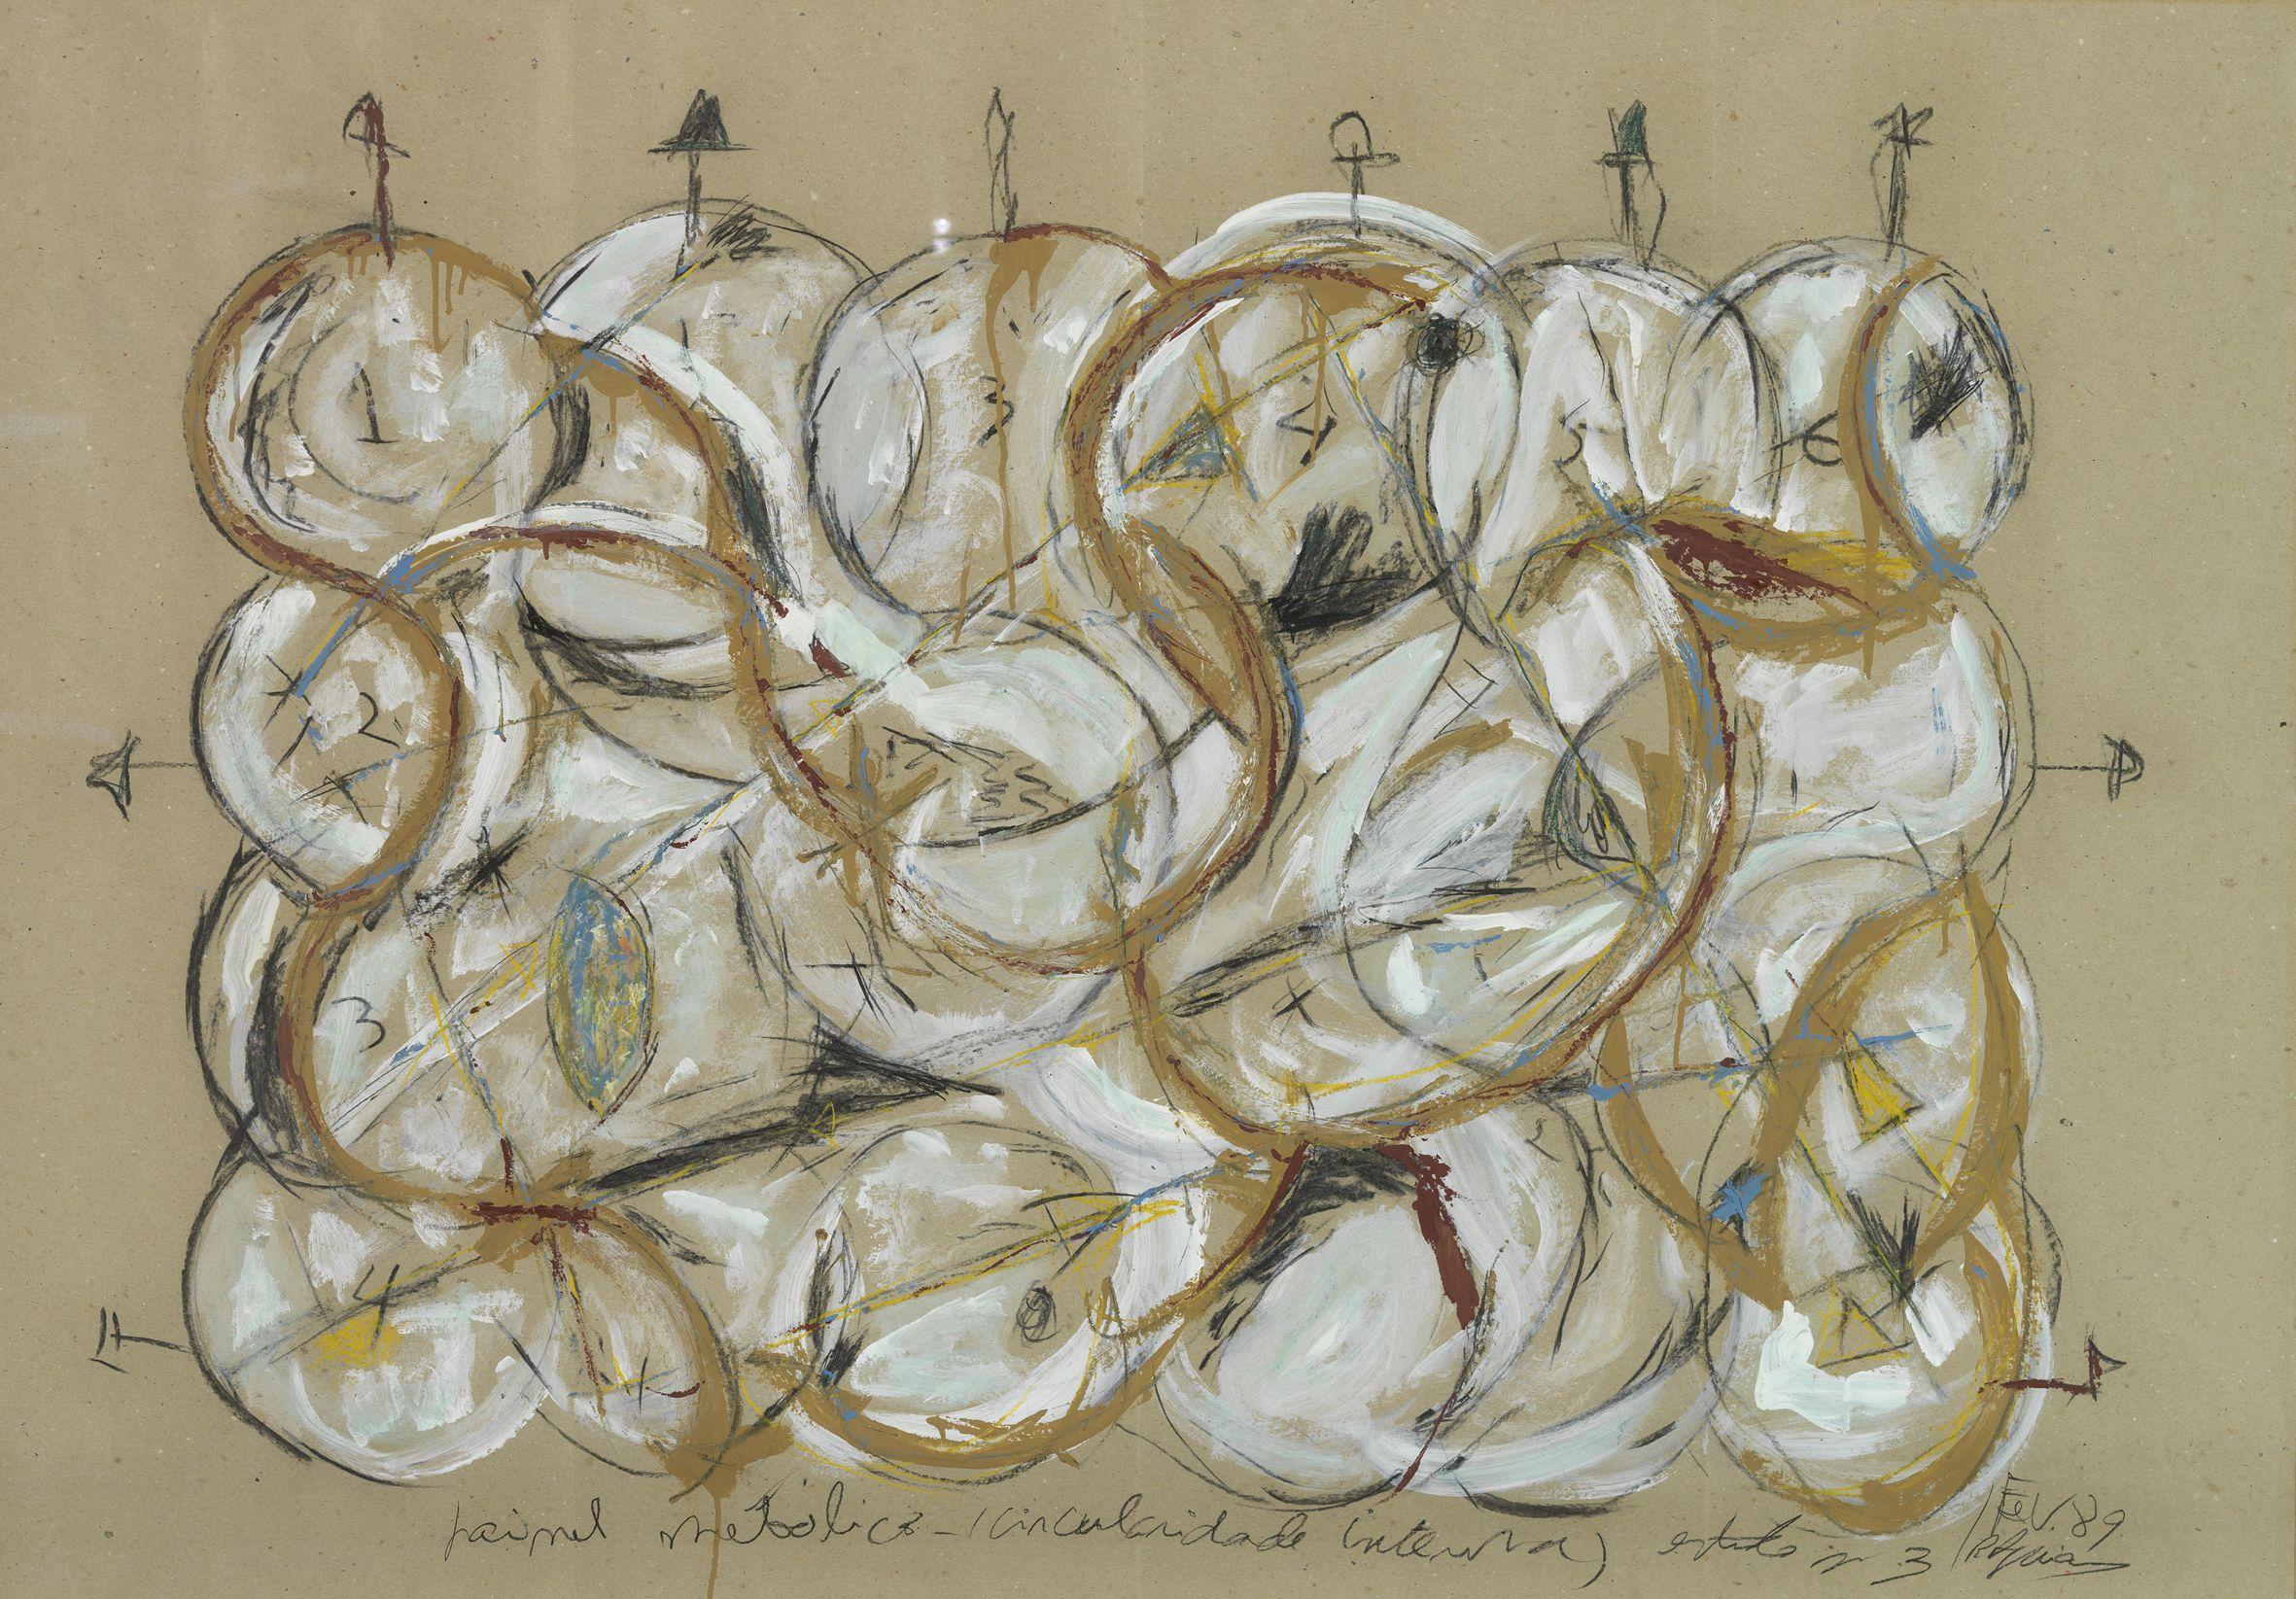 Rui Aguiar (Porto, Portugal, 1944) Estudo nº 3 para Grande painel metálico, 1989